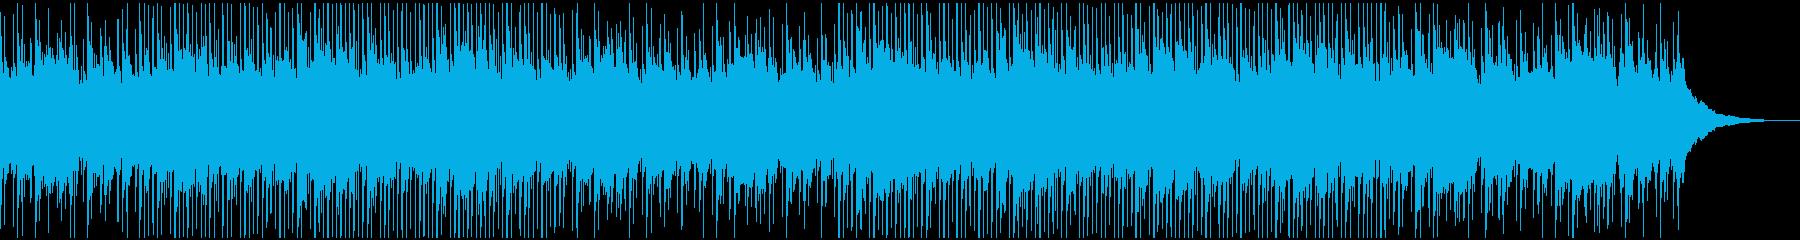 明るく楽しい元気なウクレレBGMの再生済みの波形